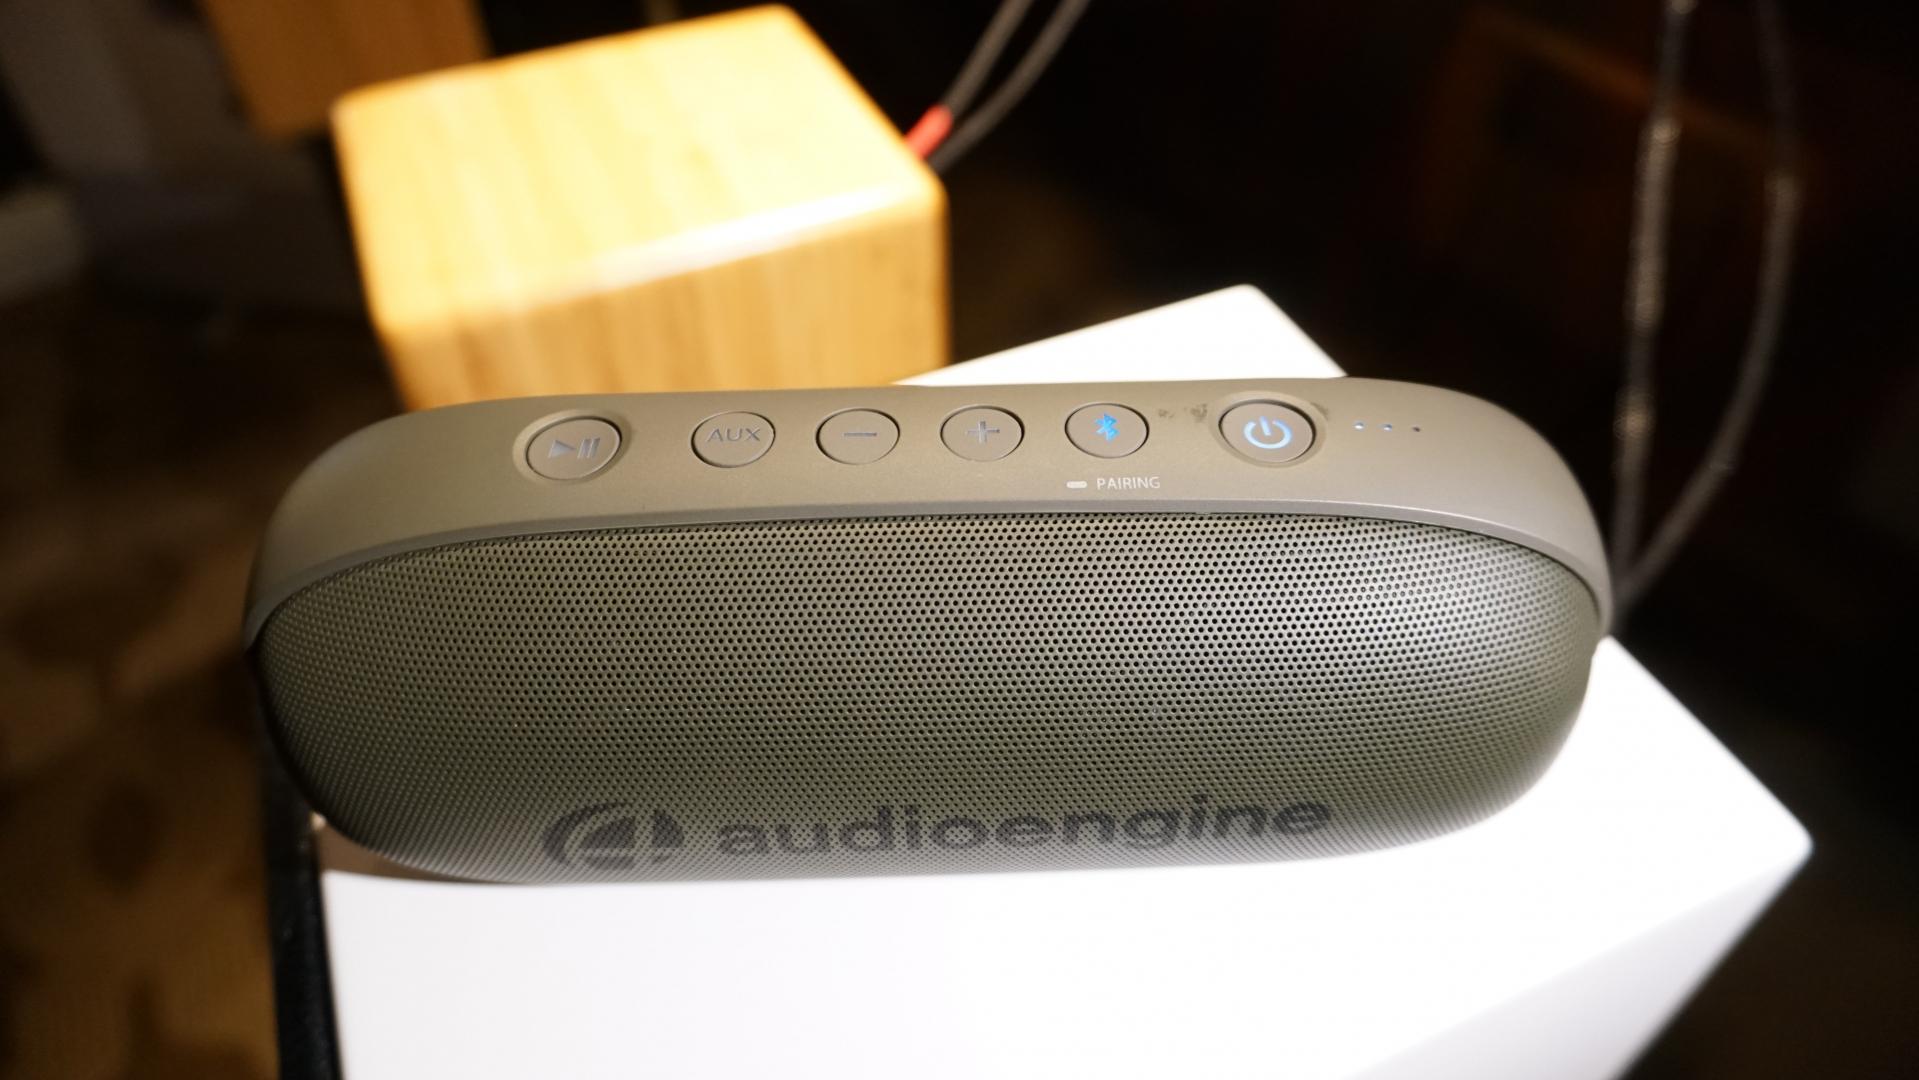 Trên tay Audioengine 512 - loa di động nhỏ gọn đầu tiên của hãng